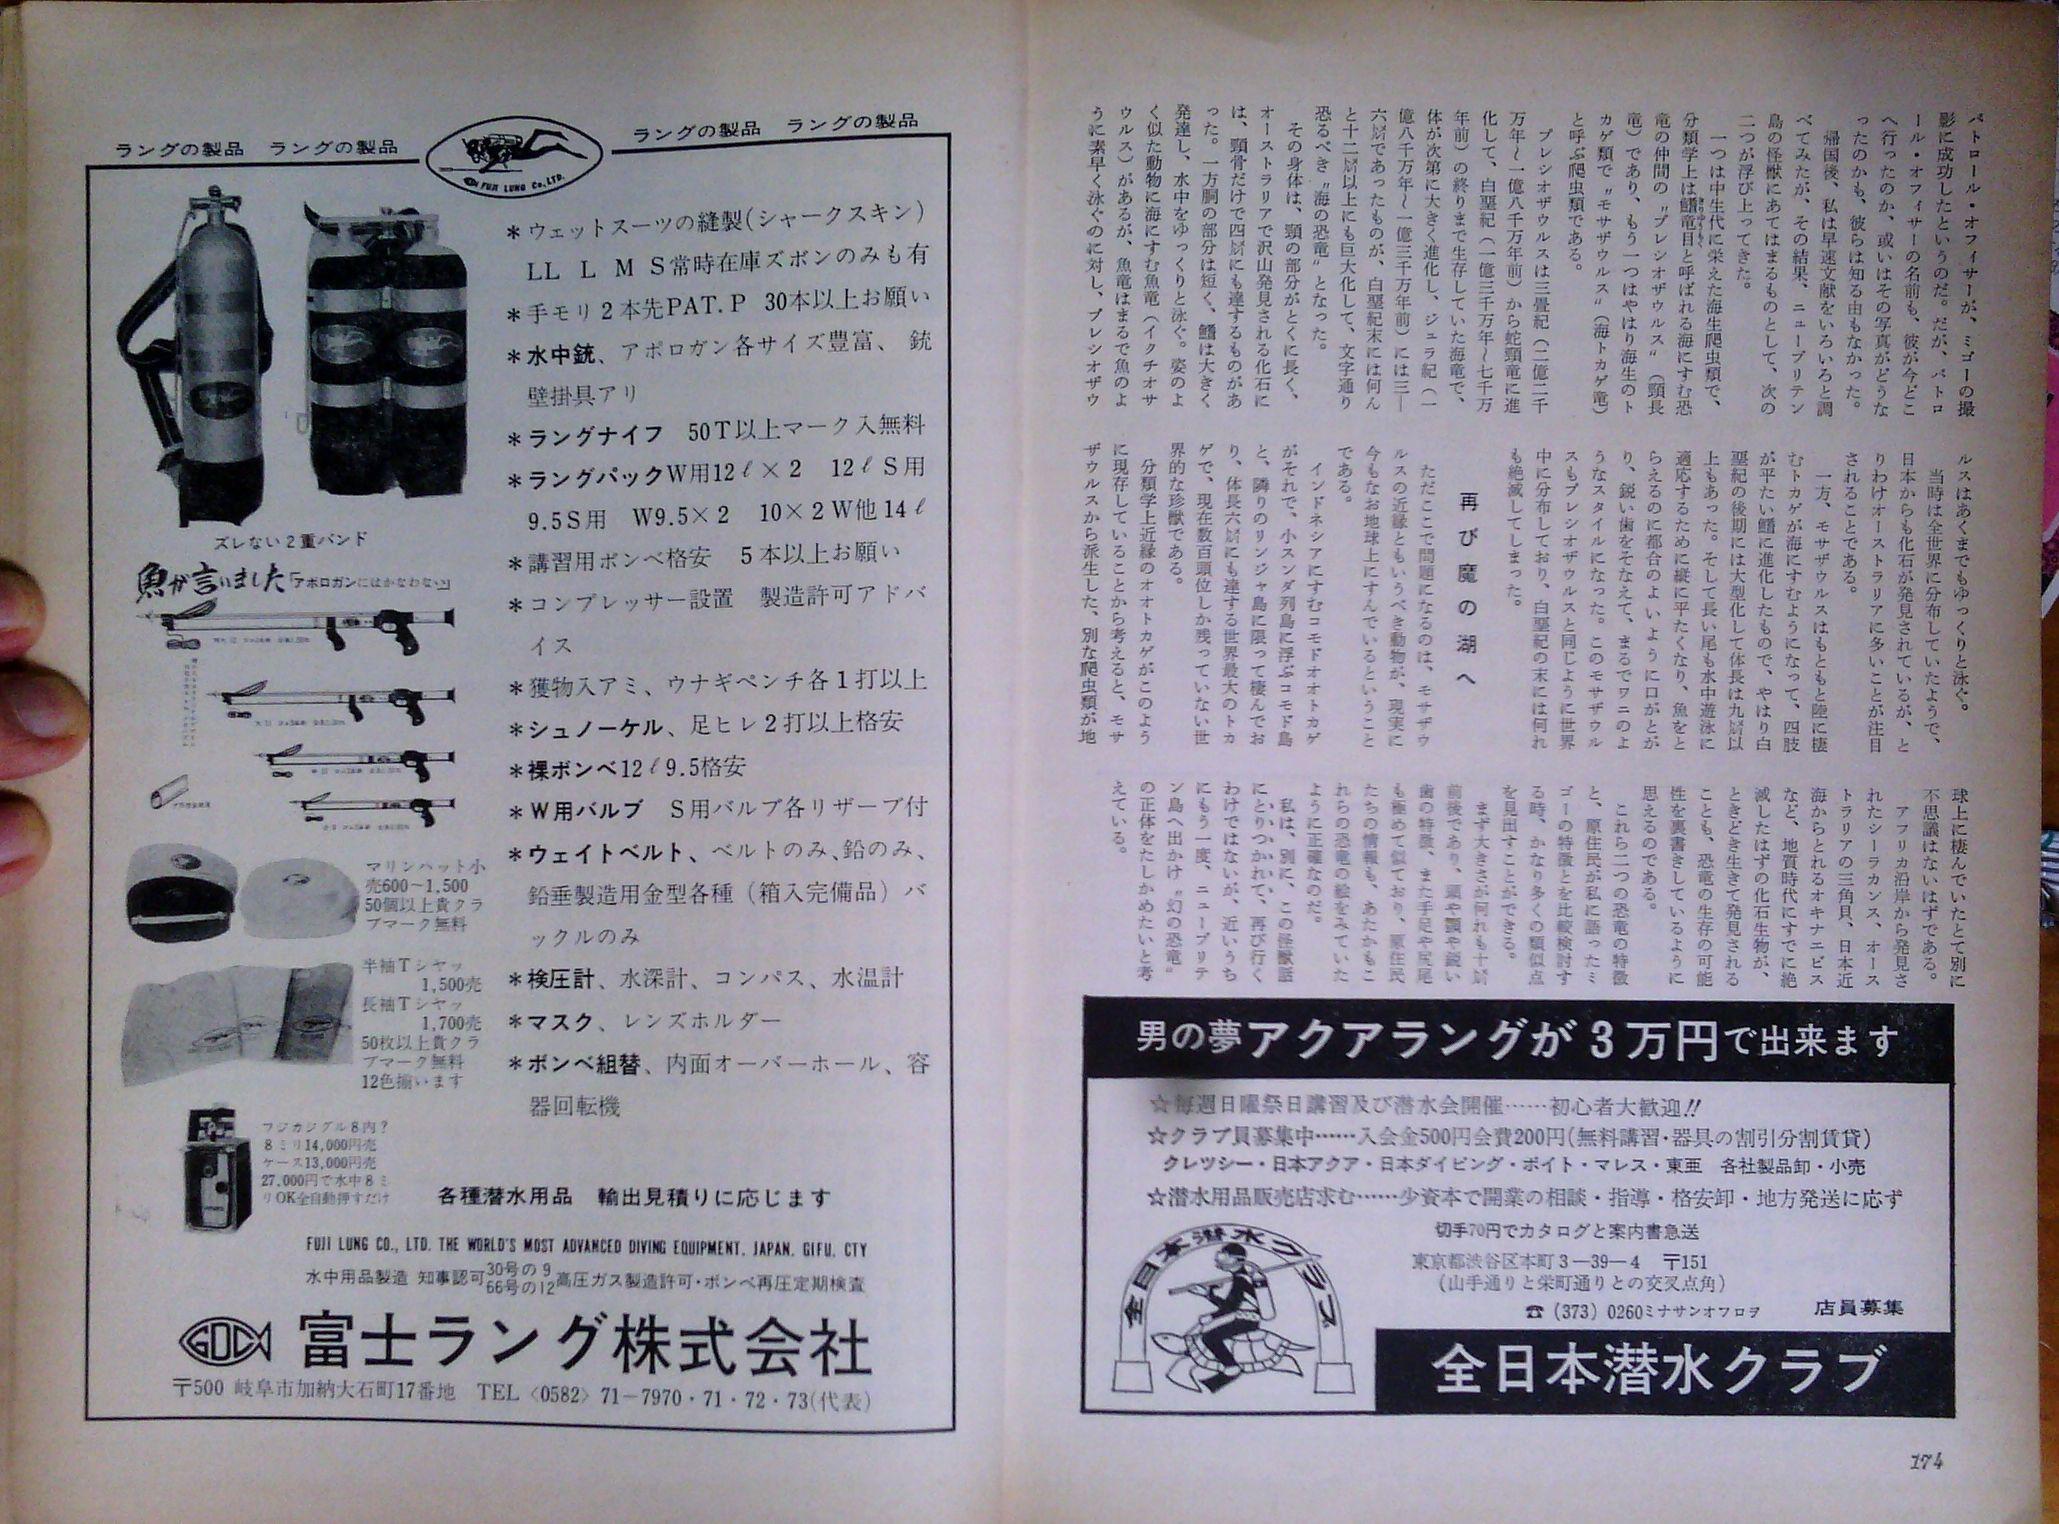 0327  ダイビングの歴史 59 海の世界 1972-04_b0075059_15281217.jpg